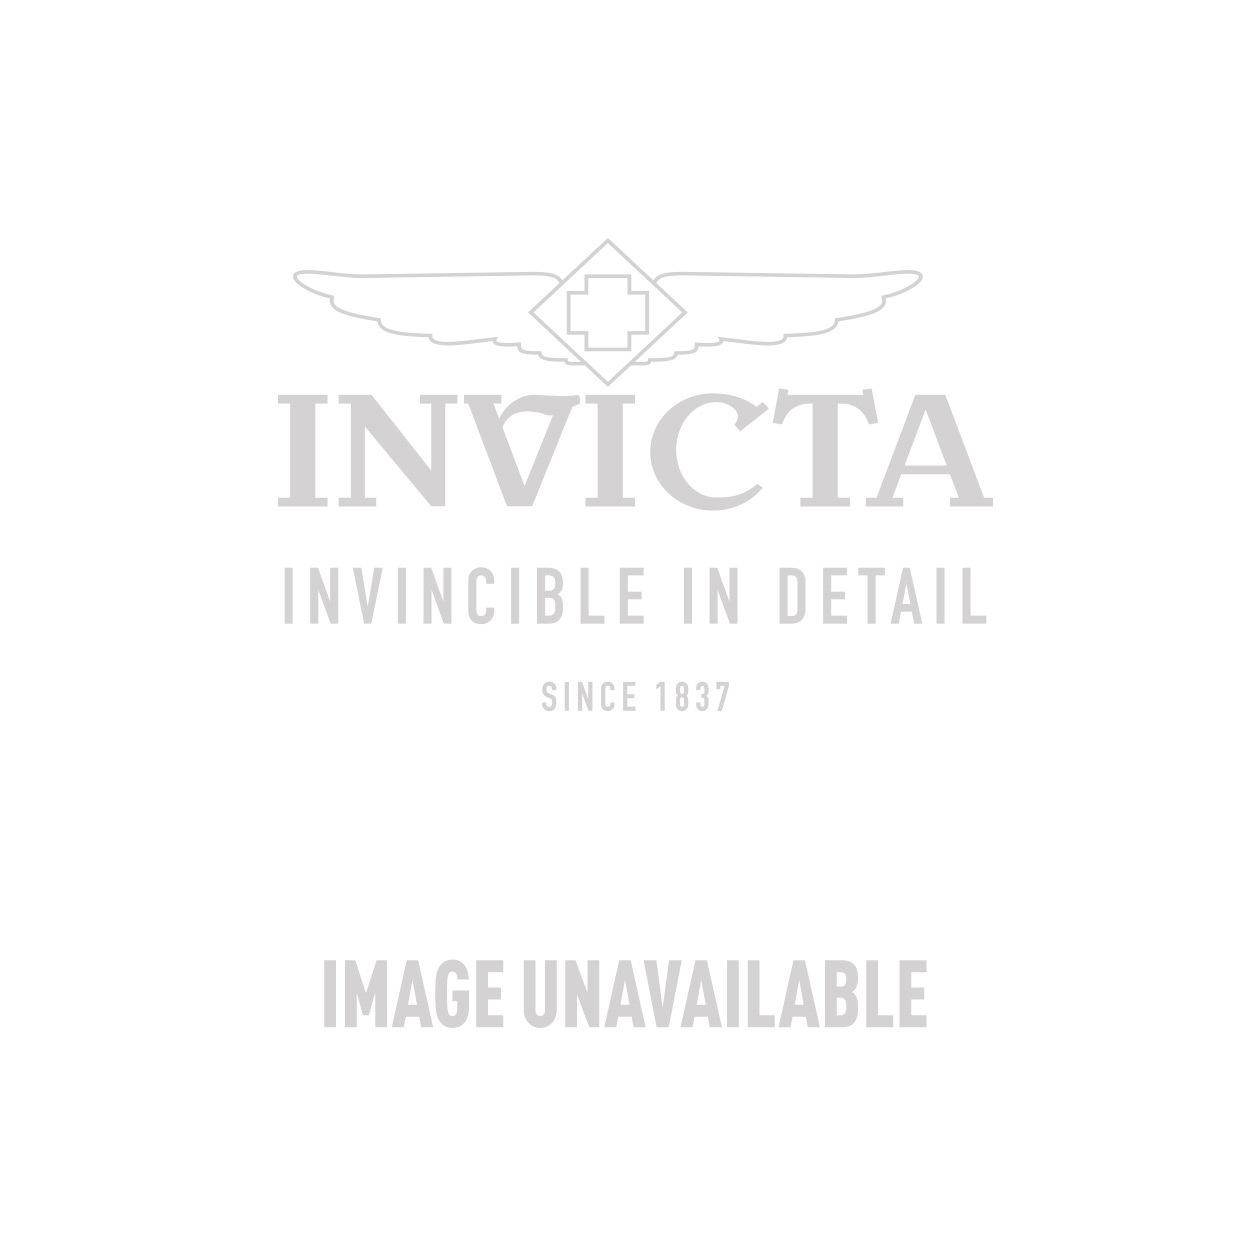 Invicta Model 27085